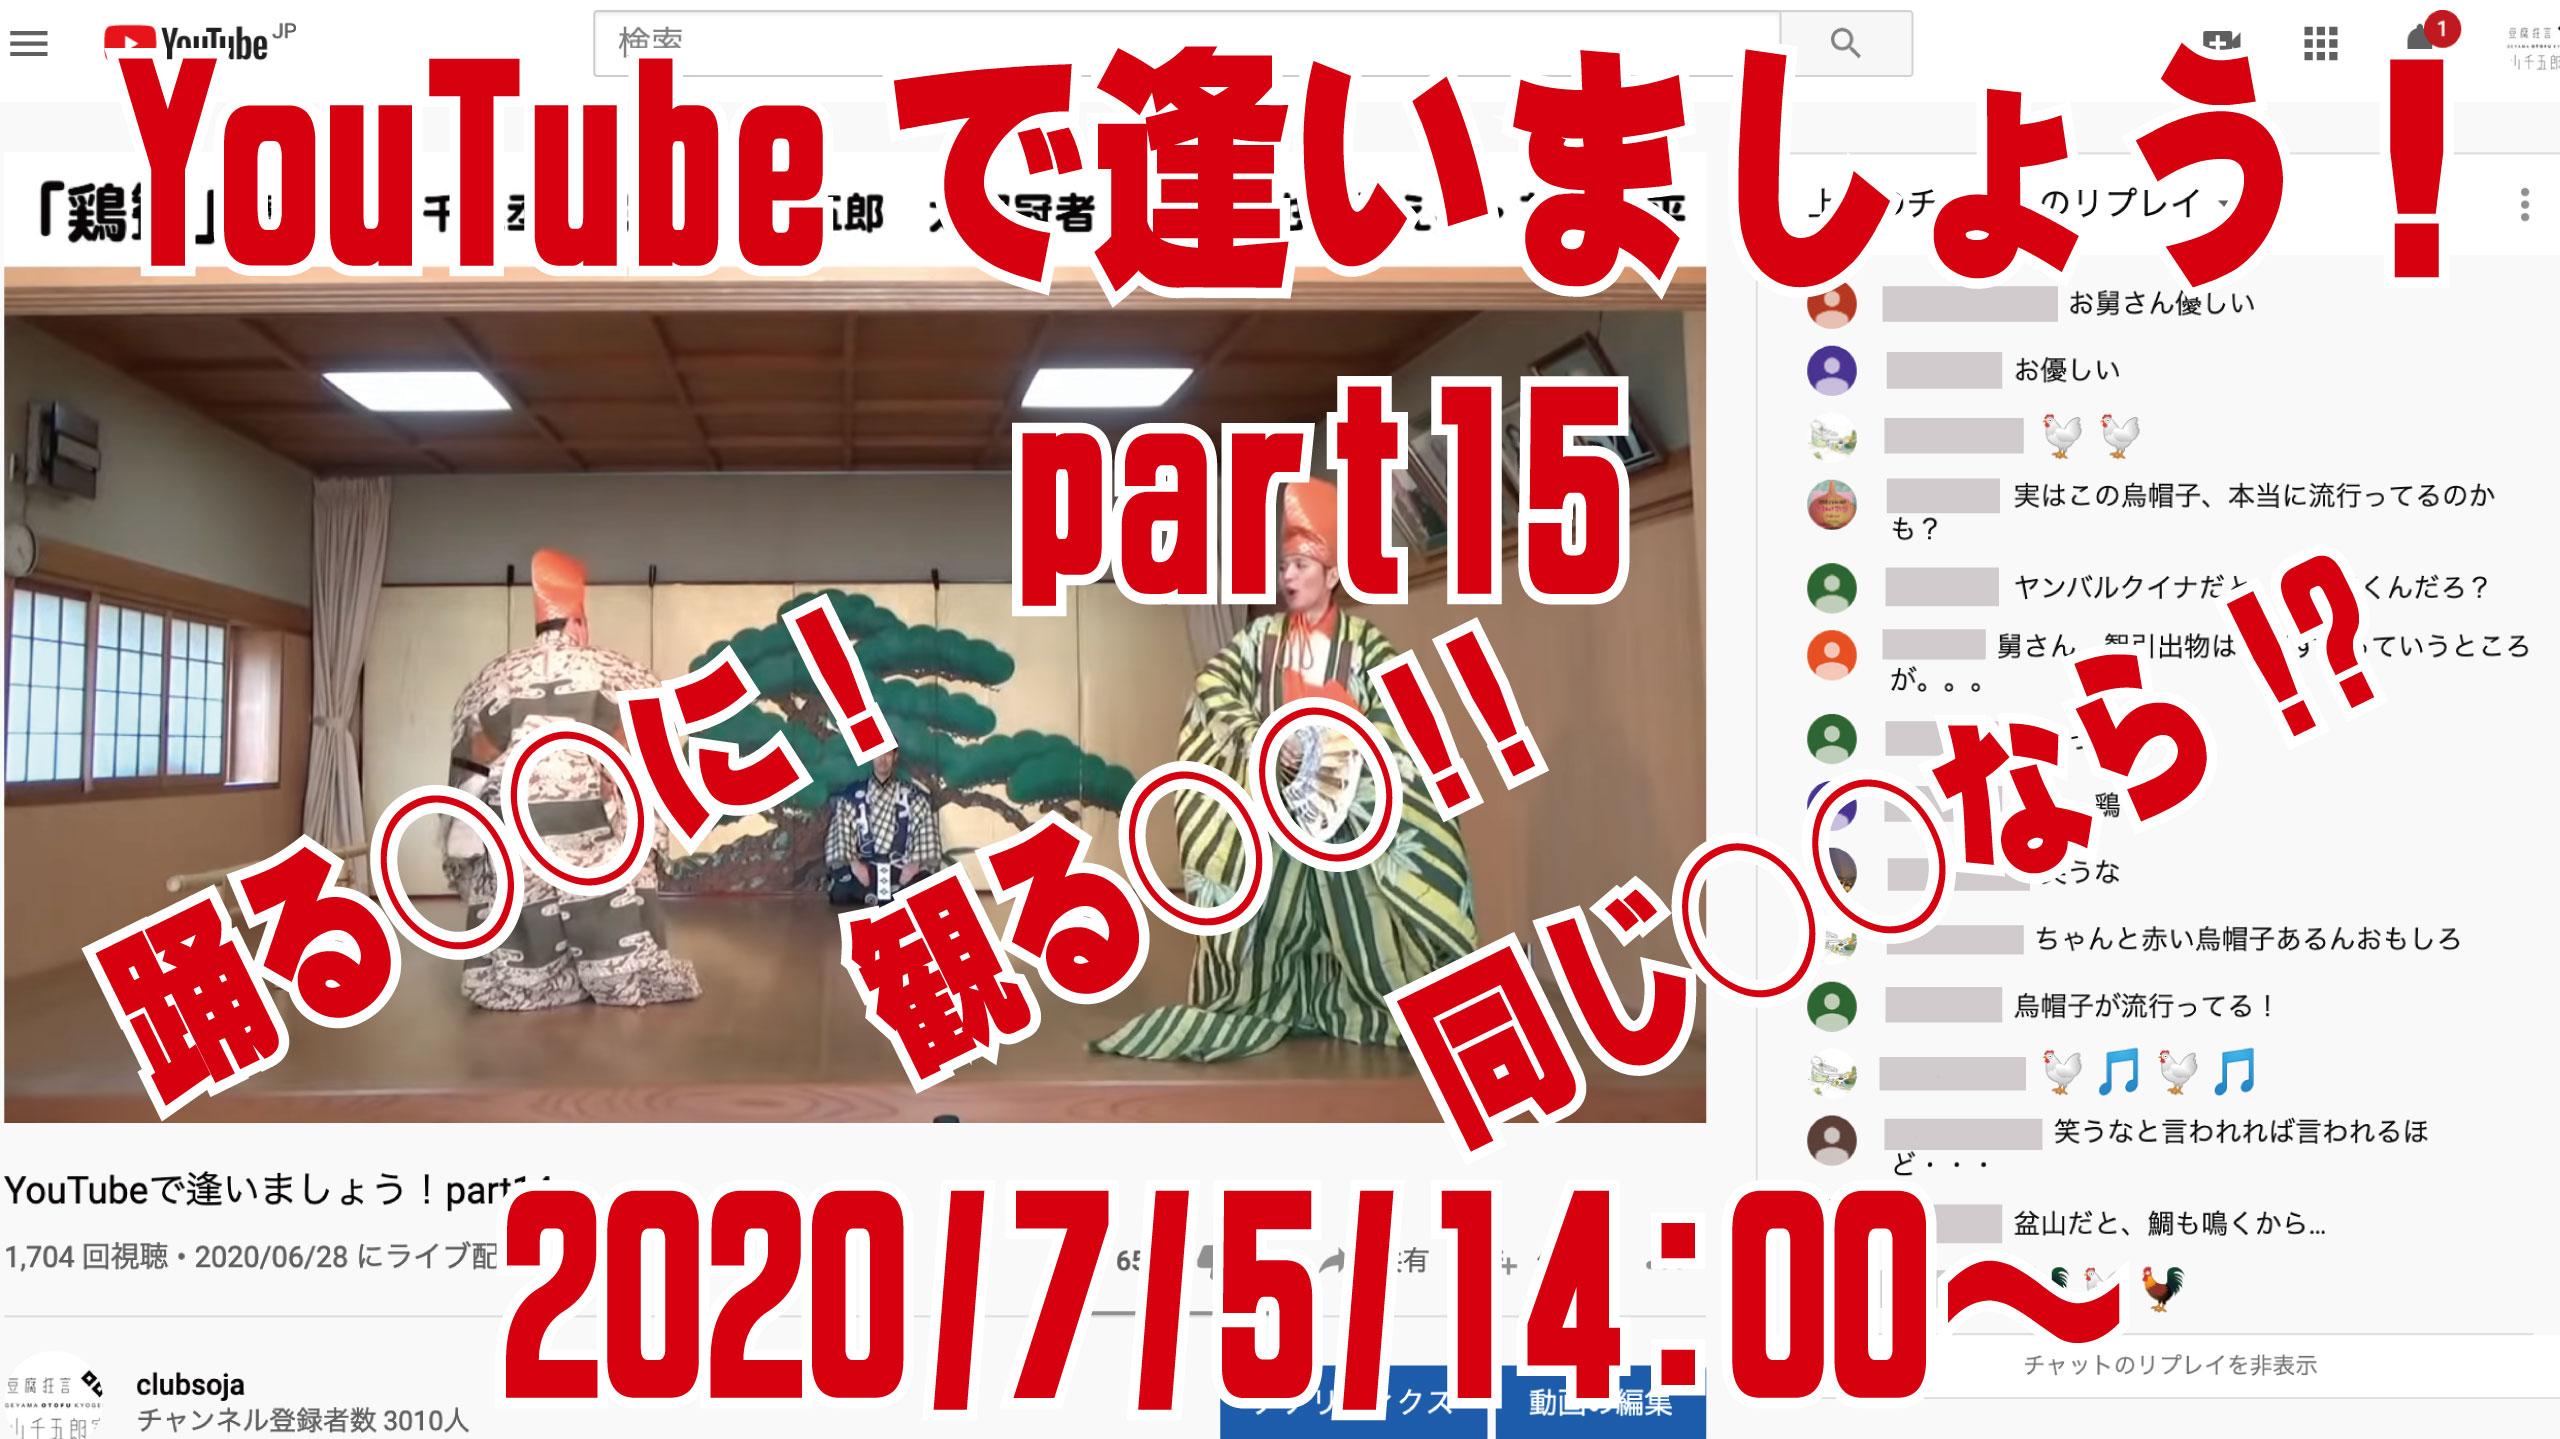 YouTubeで逢いましょう!part15 ~踊る〇〇に!観る〇〇!!同じ〇〇なら!?〜